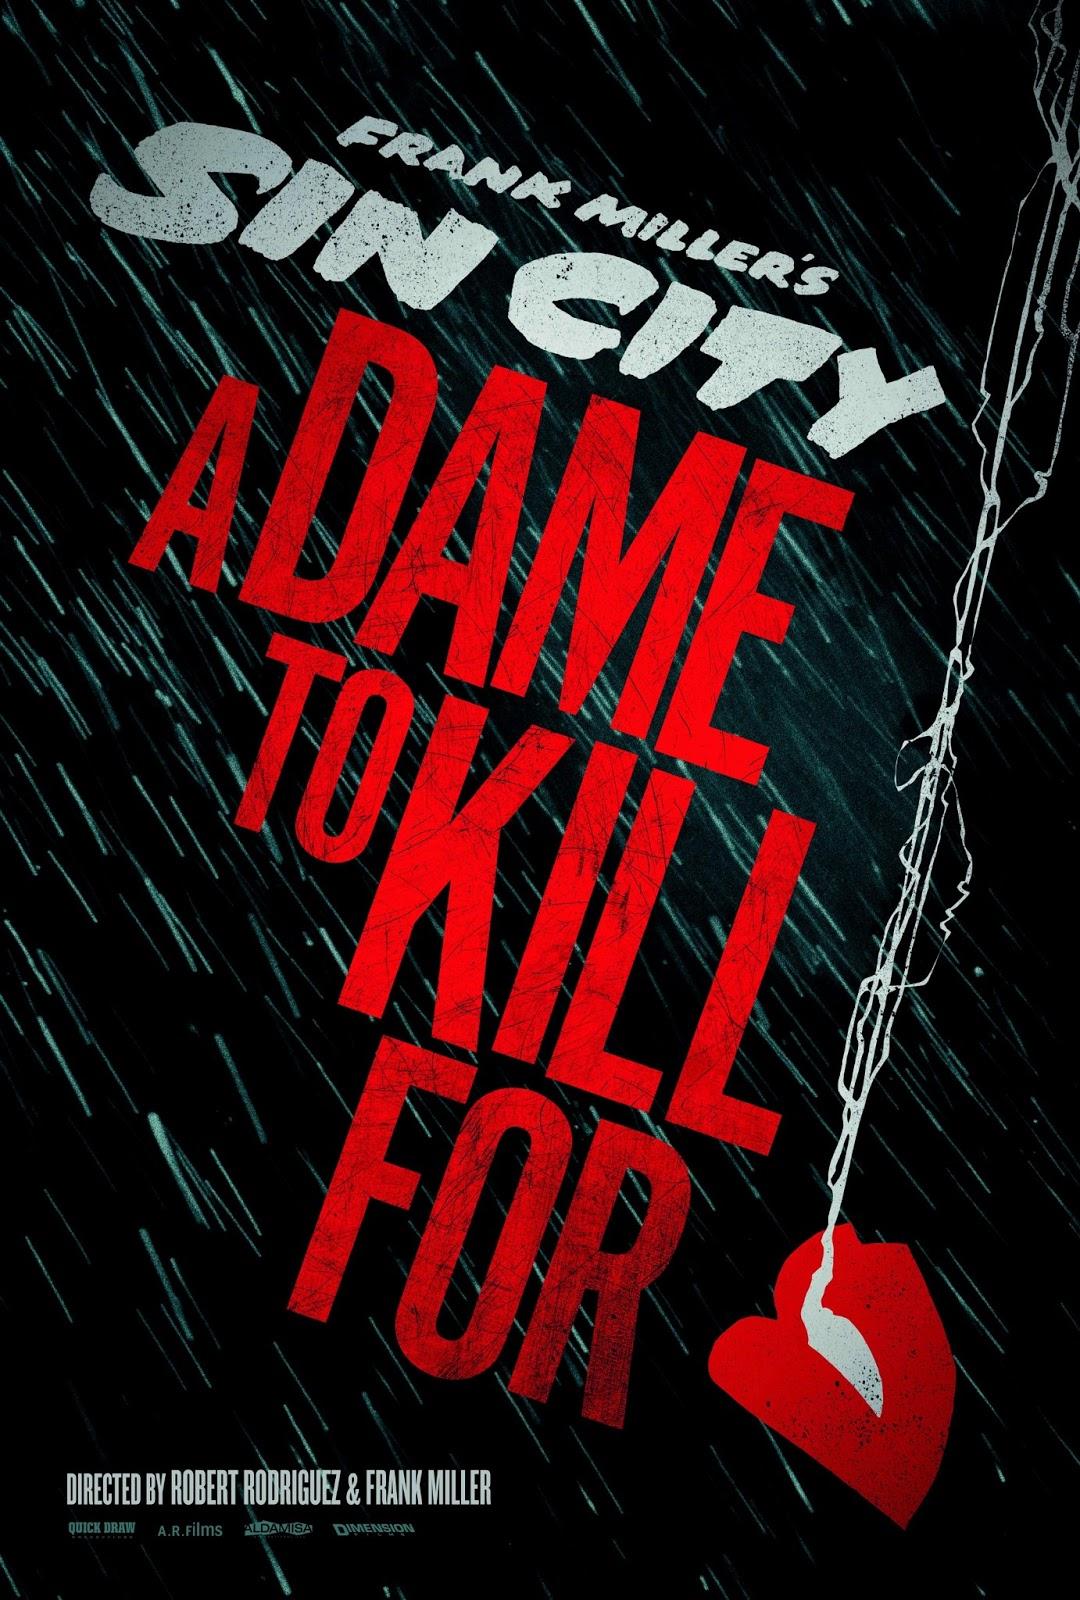 http://2.bp.blogspot.com/-KM7N2U7fOuw/USpbTFQB5nI/AAAAAAAAVqI/kDl2aWryRL0/s1600/Sin-City-A-Dame-to-Kill-For-Poster.jpg